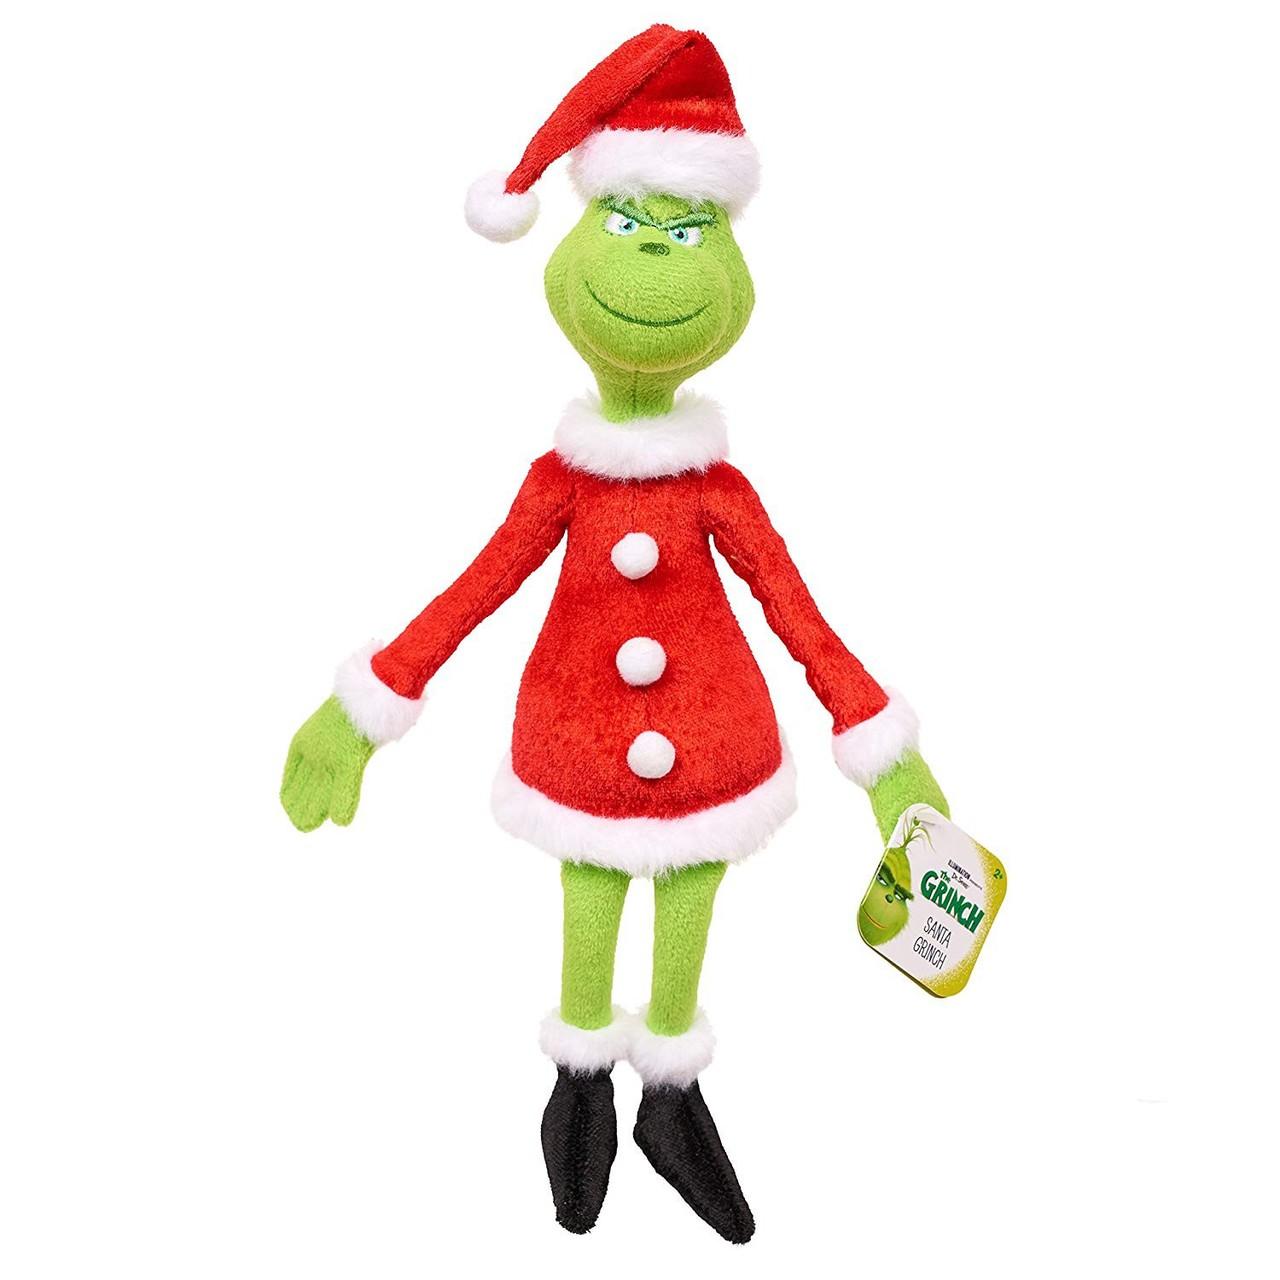 Books #12 Vinyl Figur Funko Santa Grinch The Grinch Dr Seuss Weihnachten POP